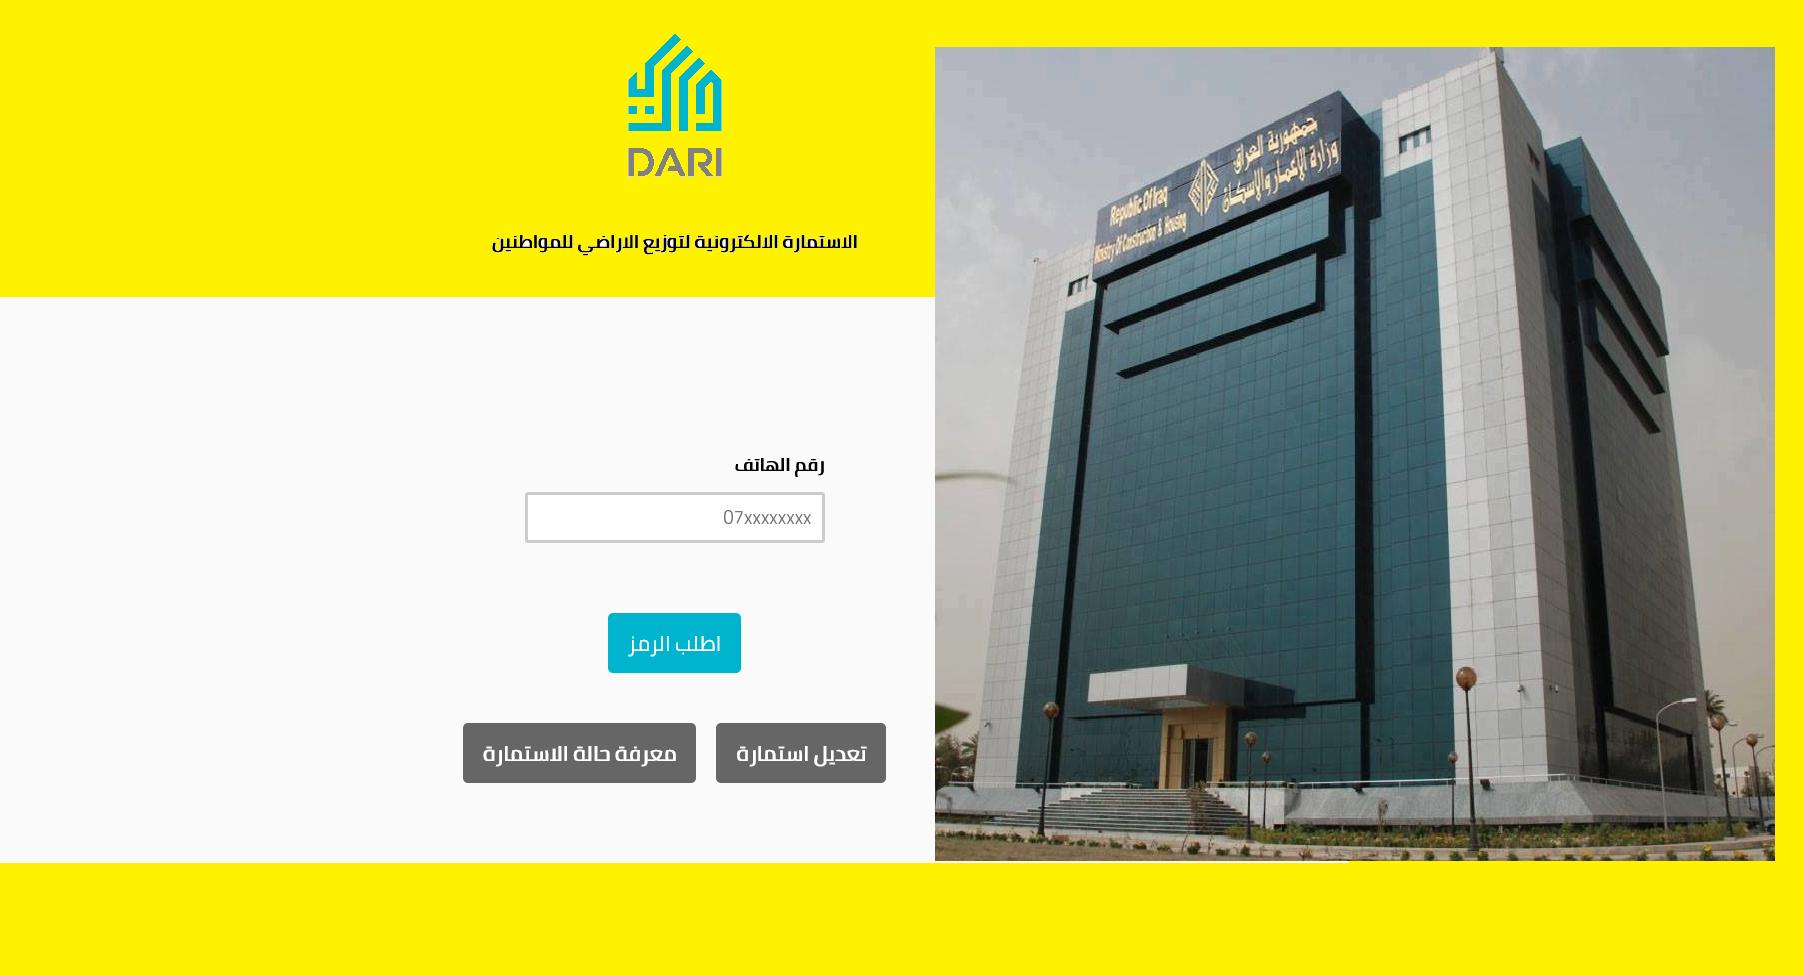 تعديل وتصحيح بيانات استمارة تقديم على الأراضي السكنية